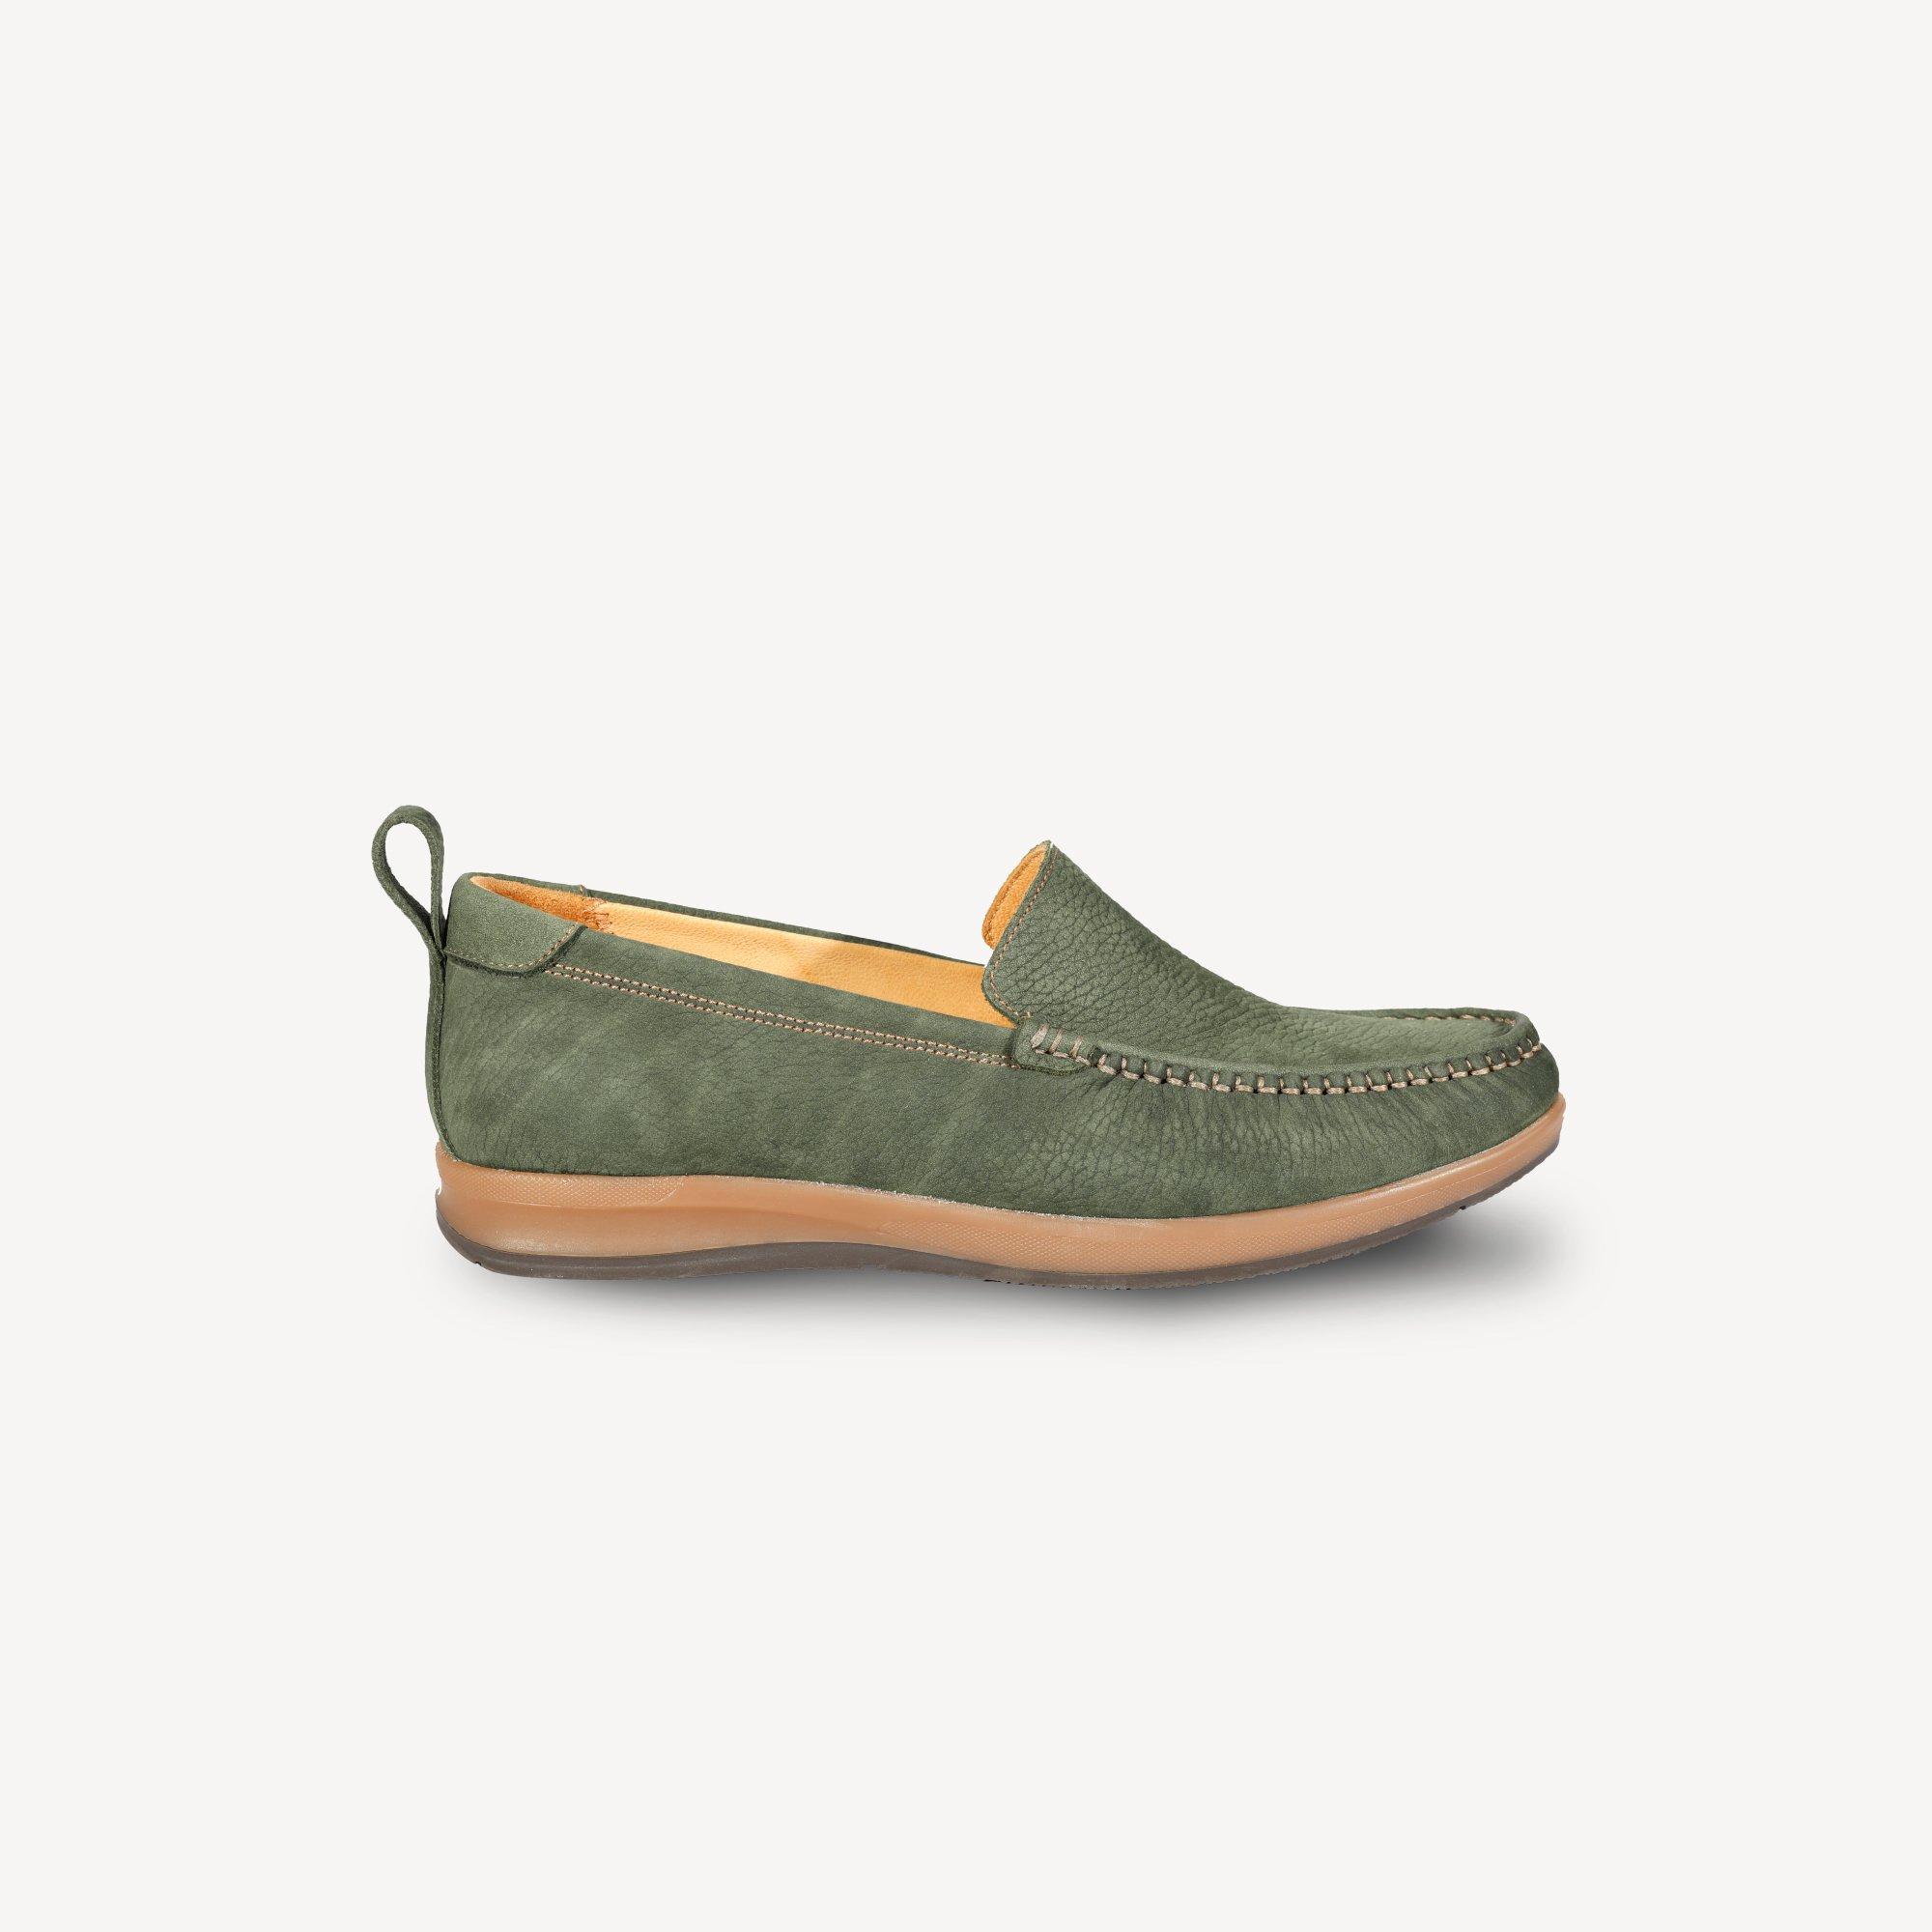 کفش زنانه برتونیکس نبوک فلوتر 380